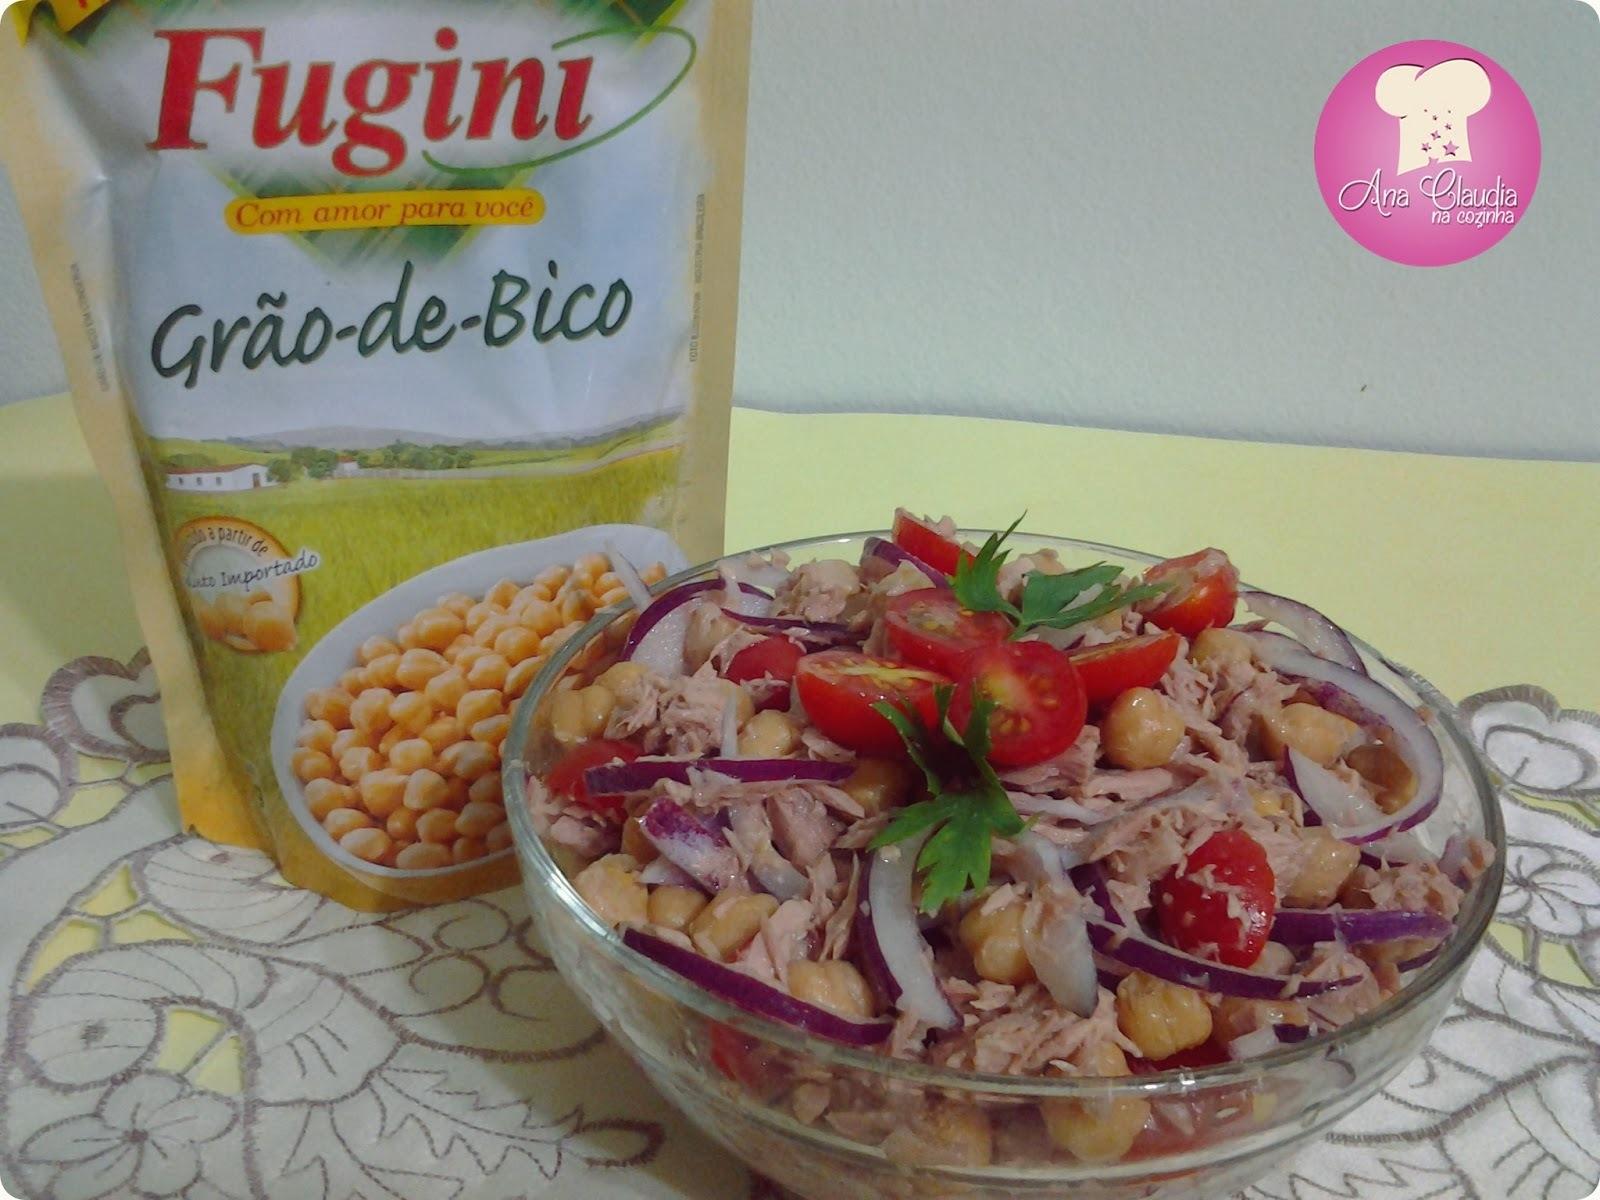 Salada de Grão de Bico Fugini e Atum - Nova Parceria